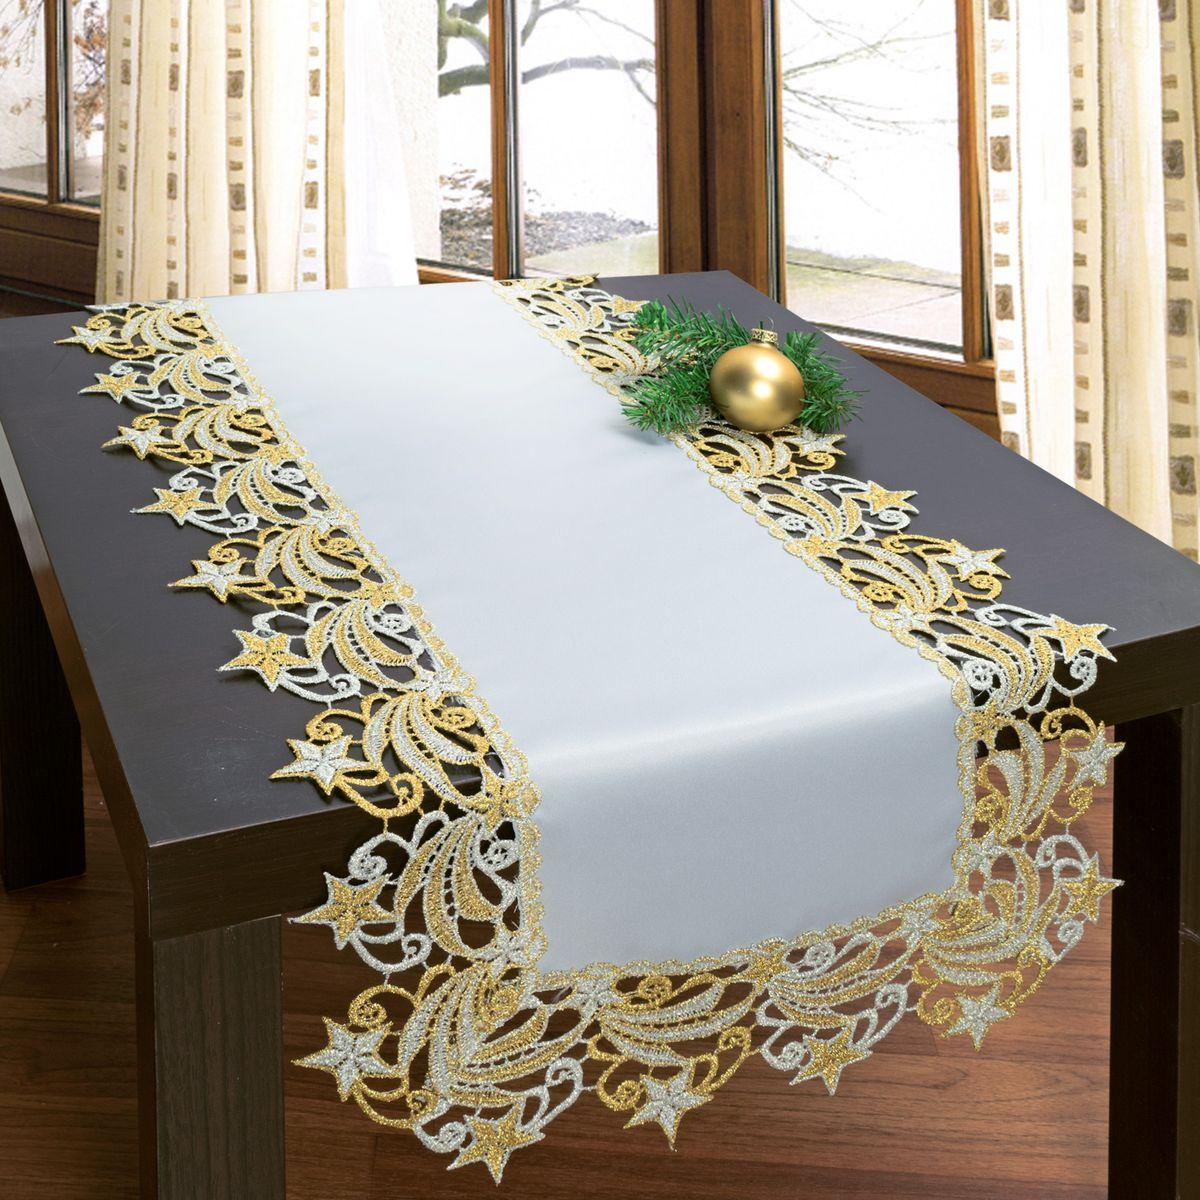 Дорожка для декорирования стола Schaefer, 40 х 100 см, цвет: белый, бежевый. 3076 hercules брашинг 40 мм светлое дерево